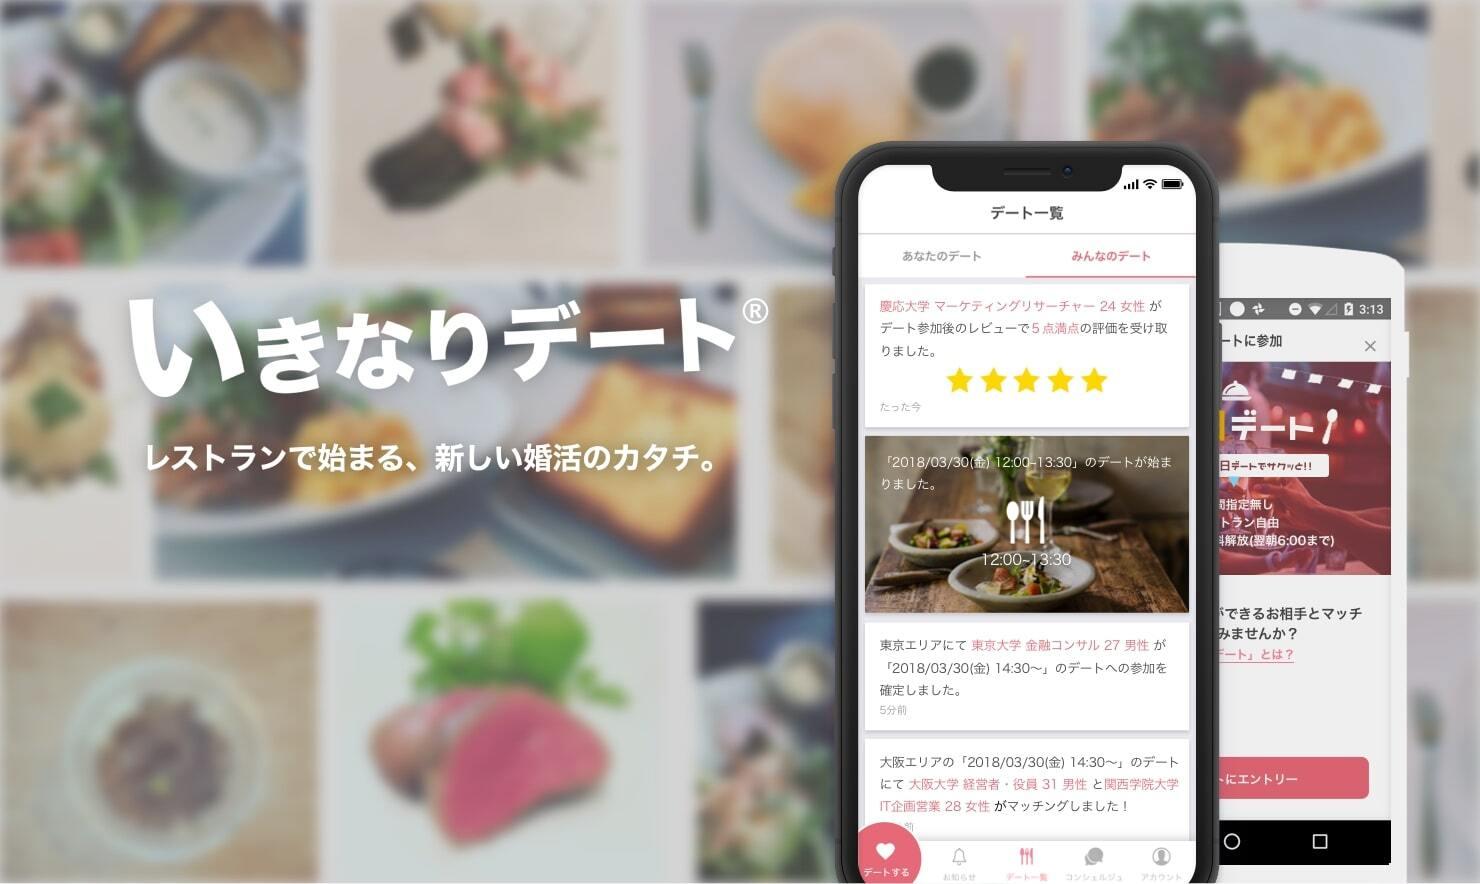 いきなりデートのアプリ画像